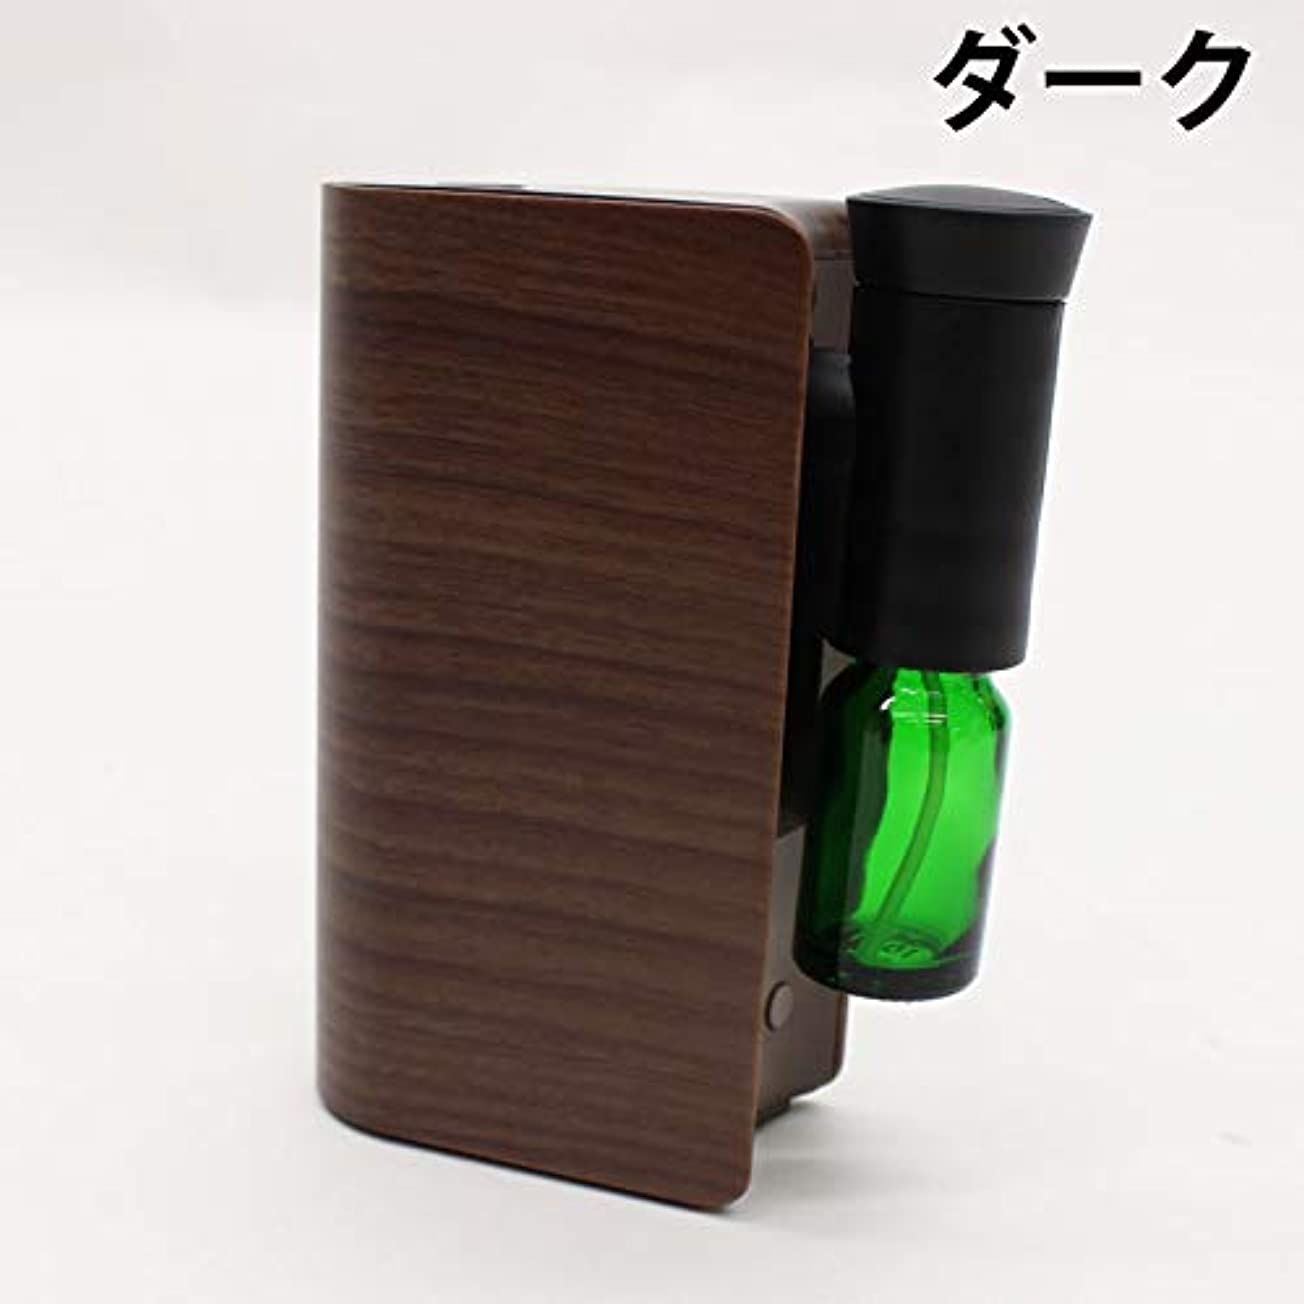 サルベージイタリック痴漢電池式 コンパクトアロマディフューザー  (ダーク)